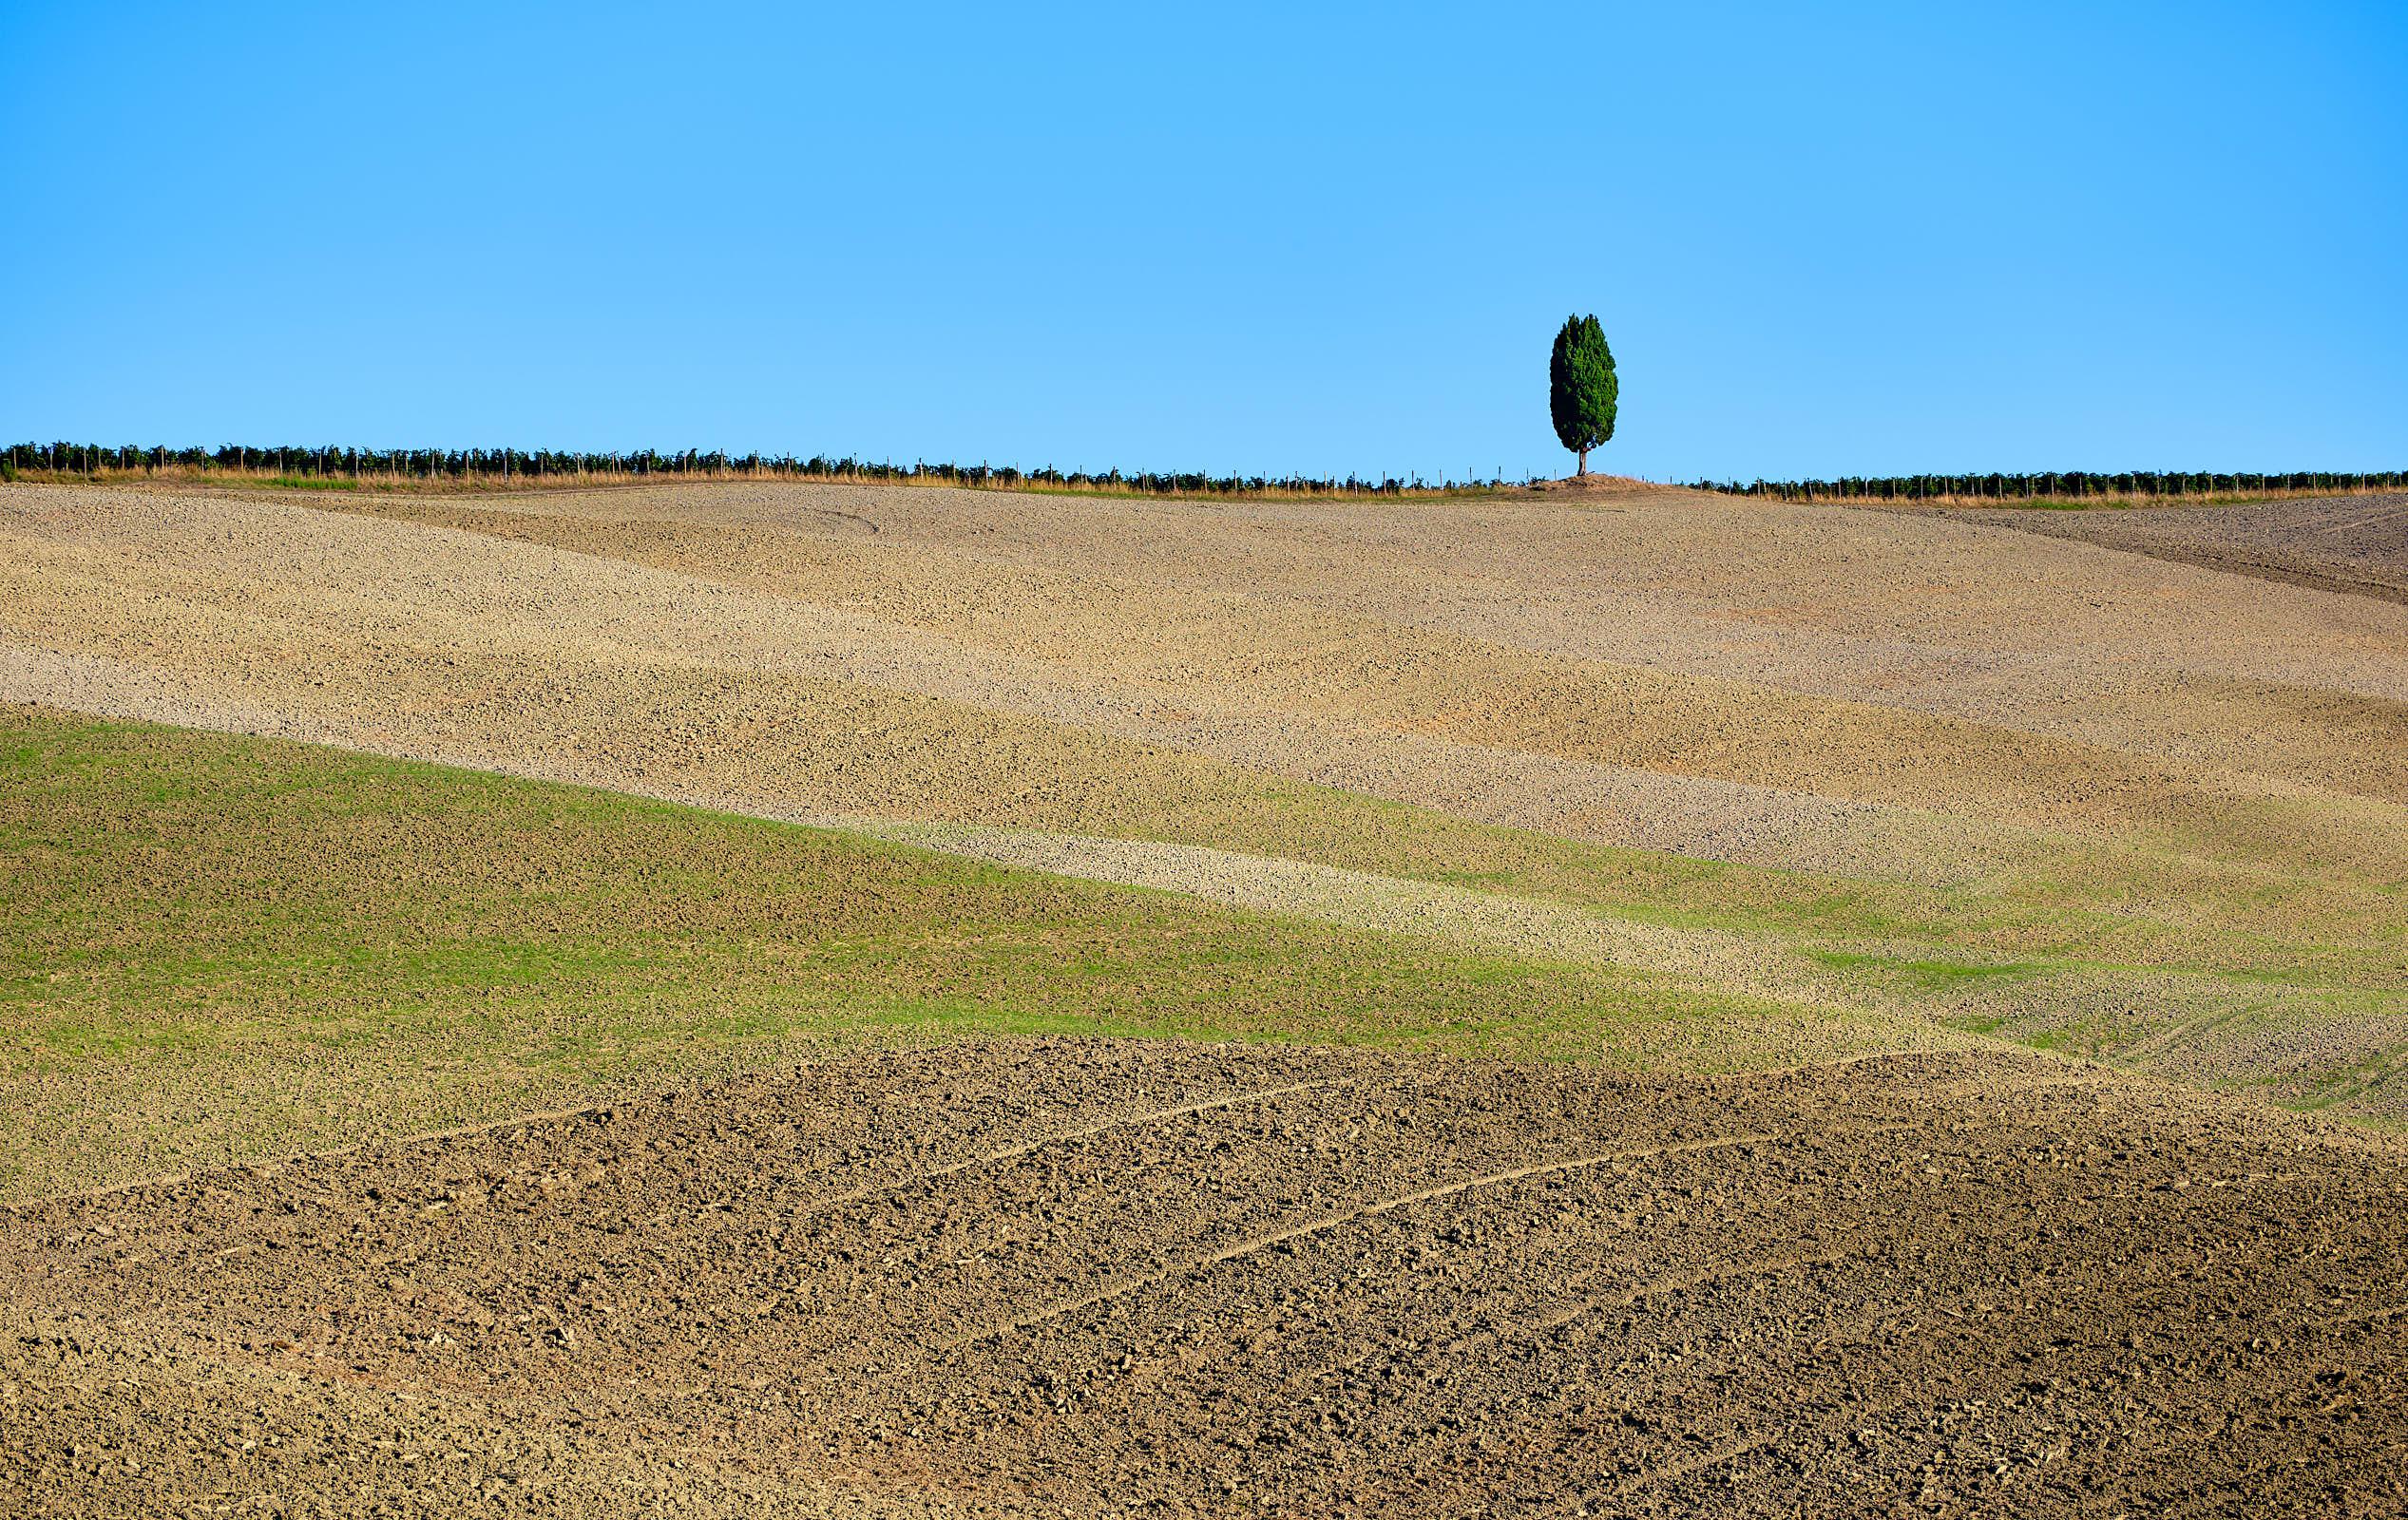 Single cypress tree, Val d'Orcia, Tuscany